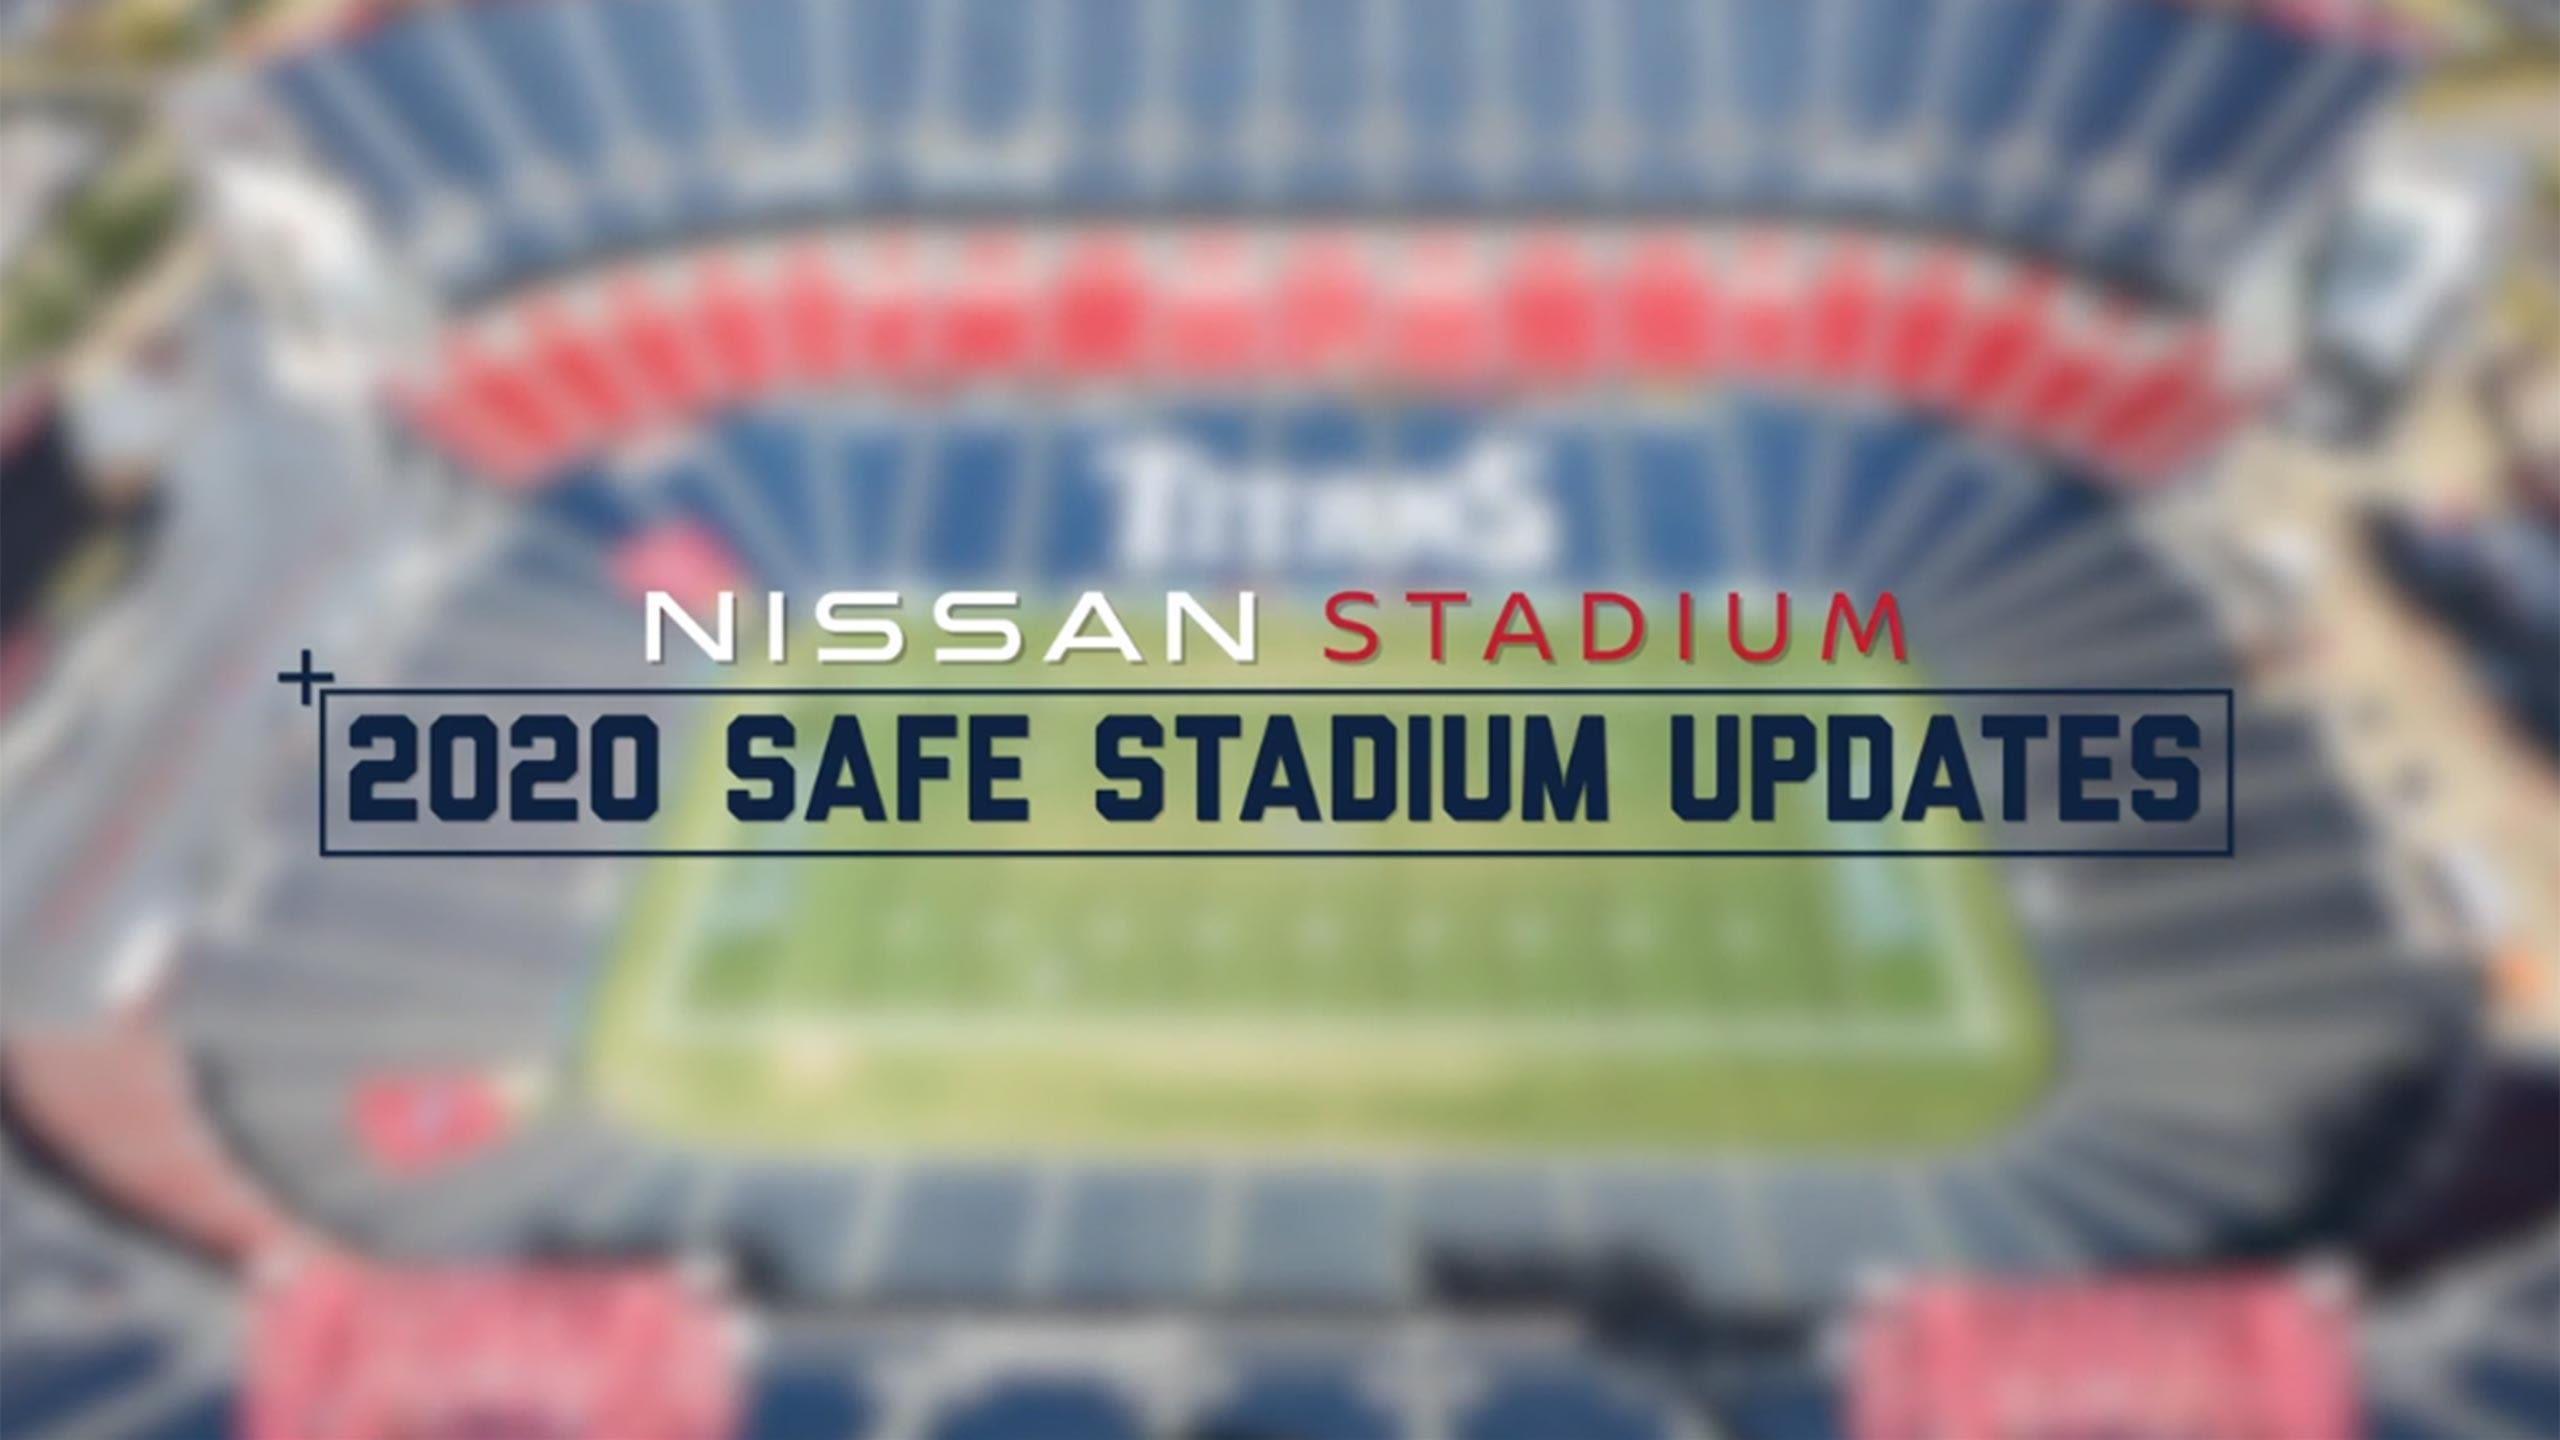 2020 Safe Stadium Updates